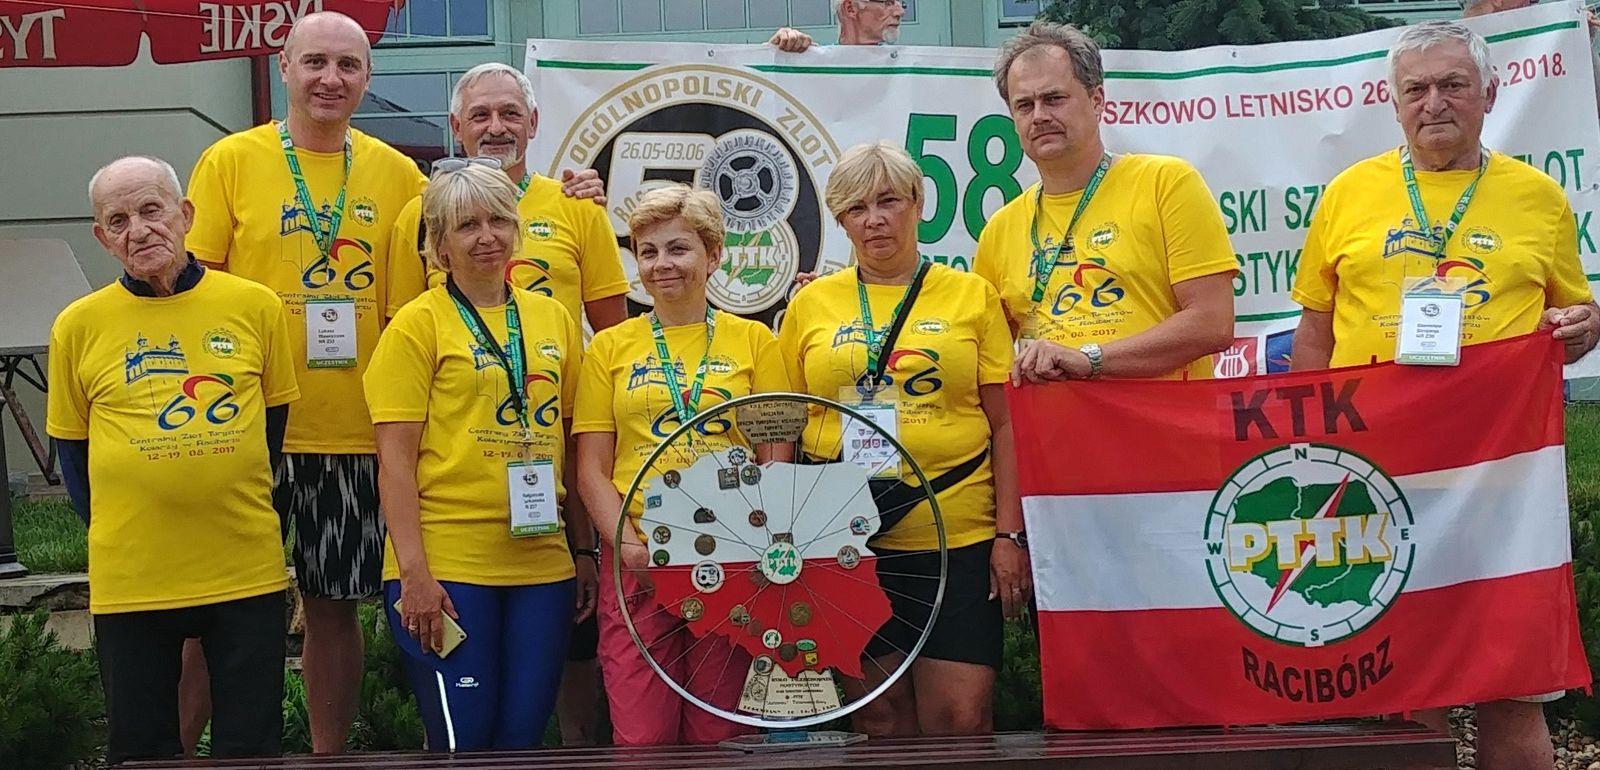 58 Zlot Przodowników Turystyki Kolarskiej w Boszkowie